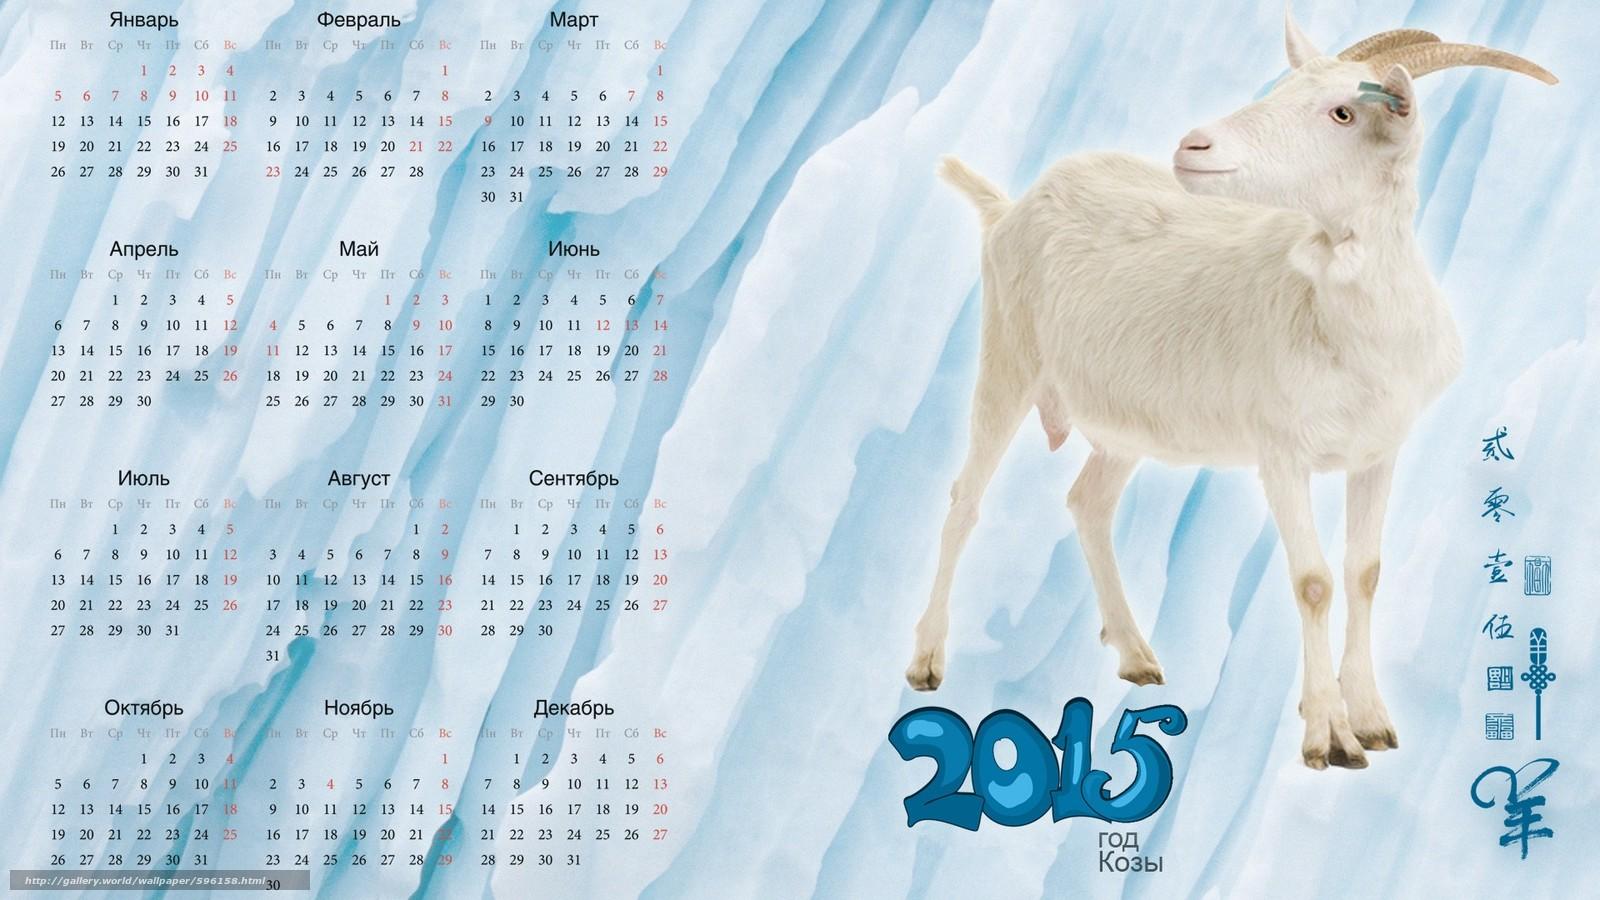 год козы обои на рабочий стол № 528499 бесплатно